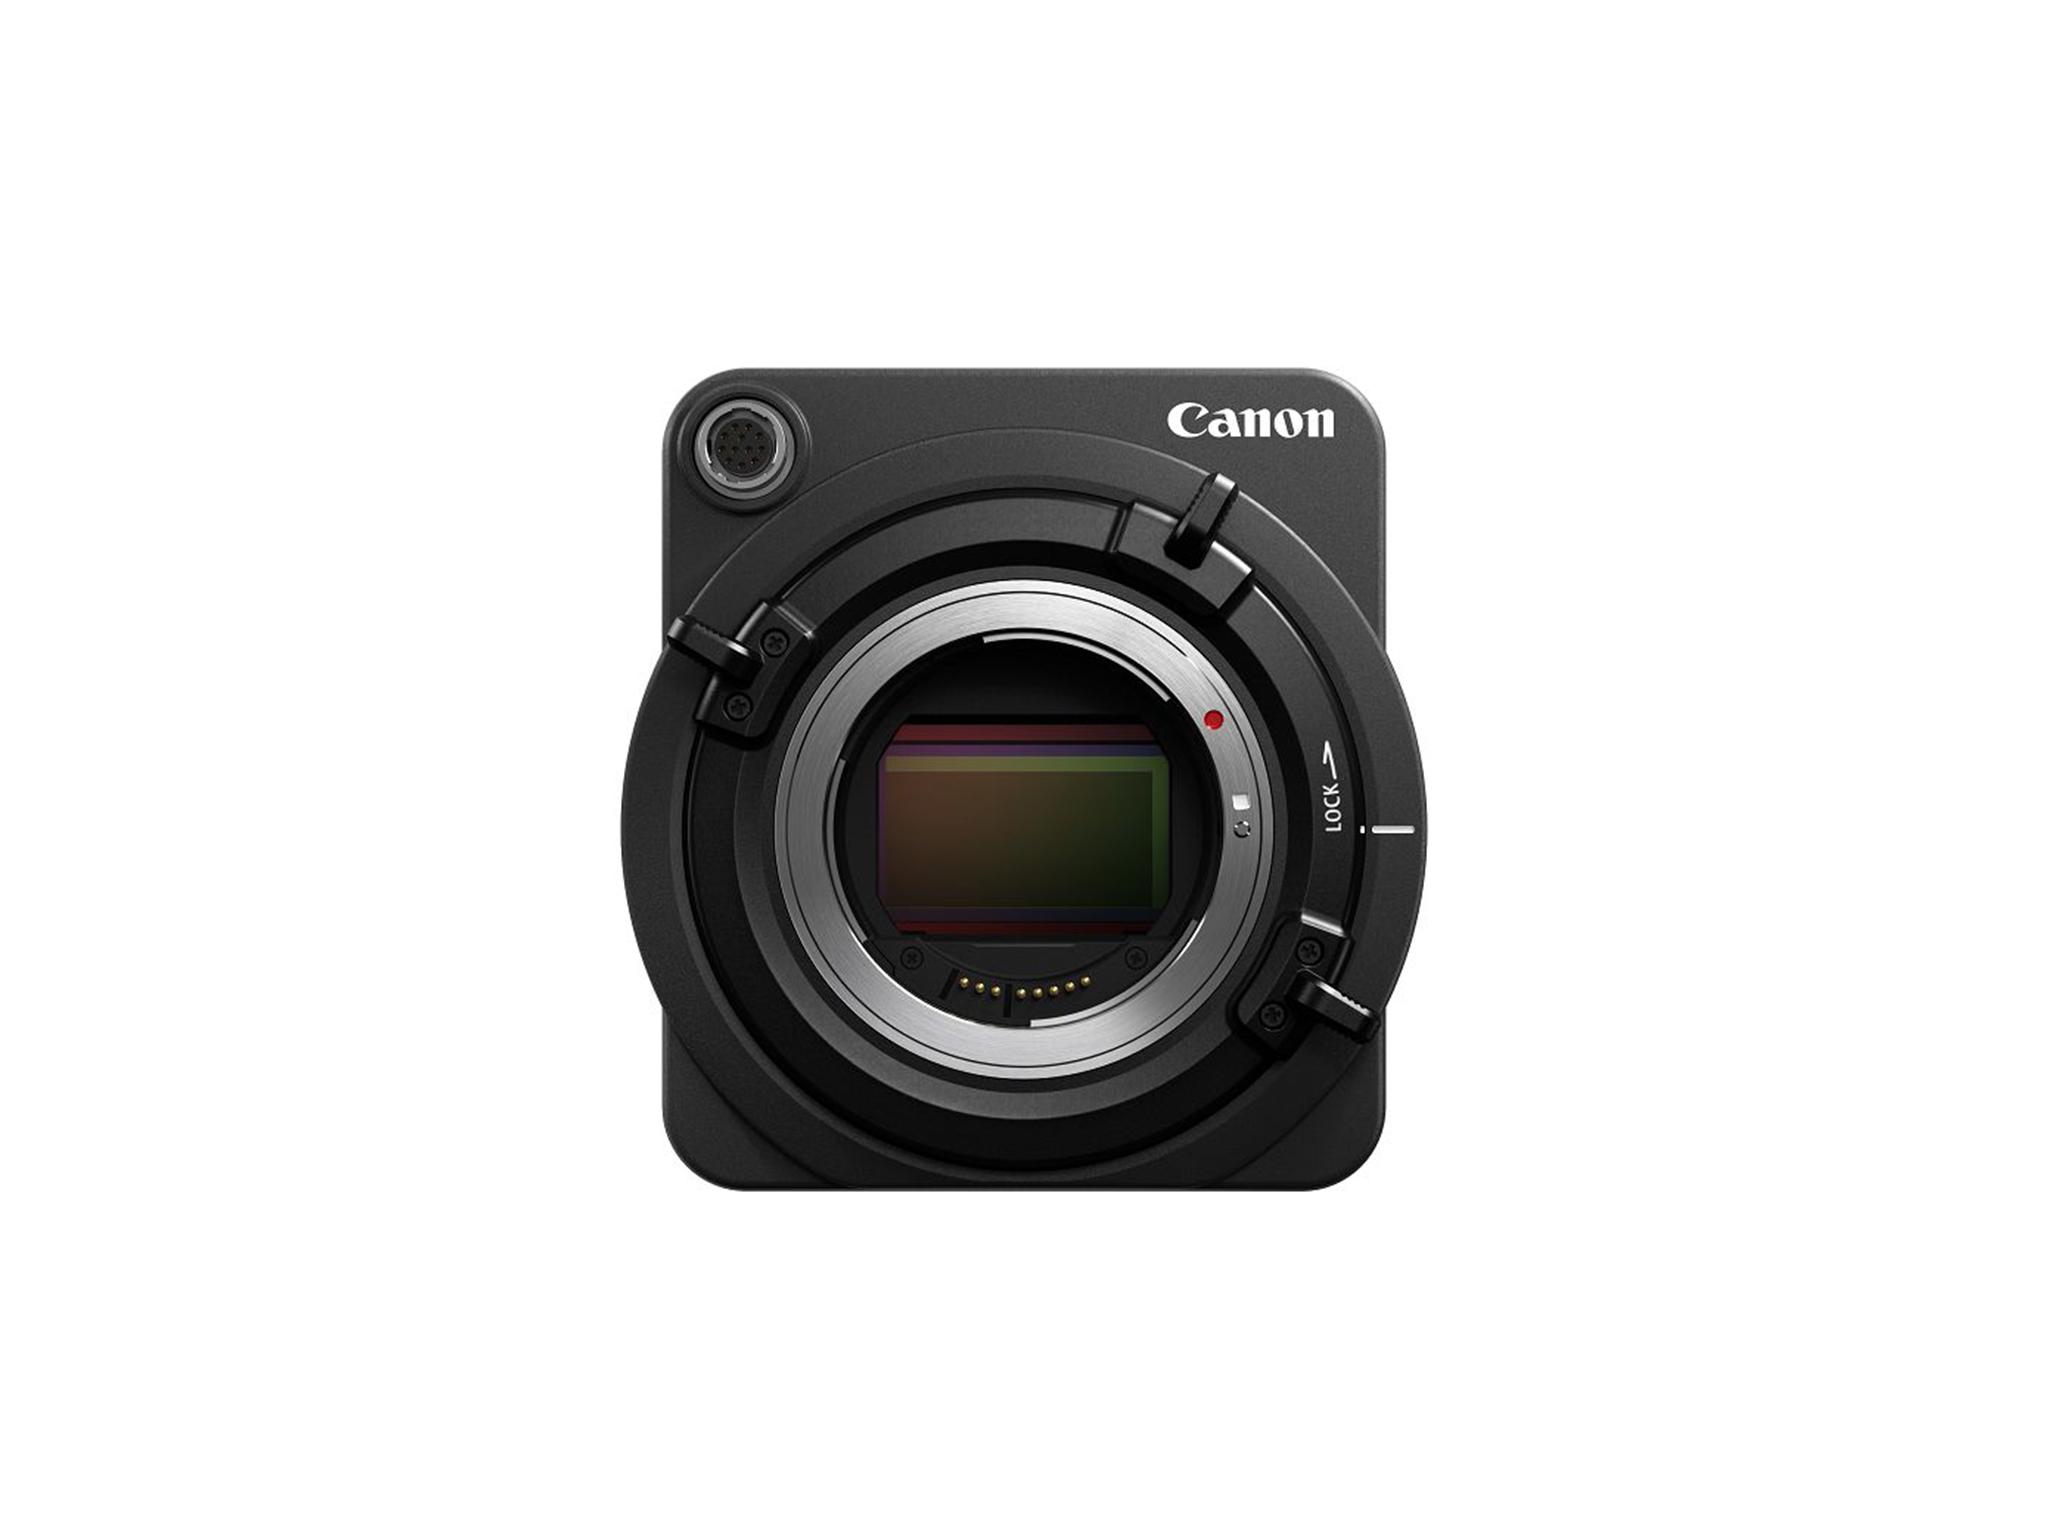 全新 Canon ME20F-SHN 網路攝影機 黑暗中展現高效監視 掌握關鍵時刻 智慧影像分析 不錯失任何細節